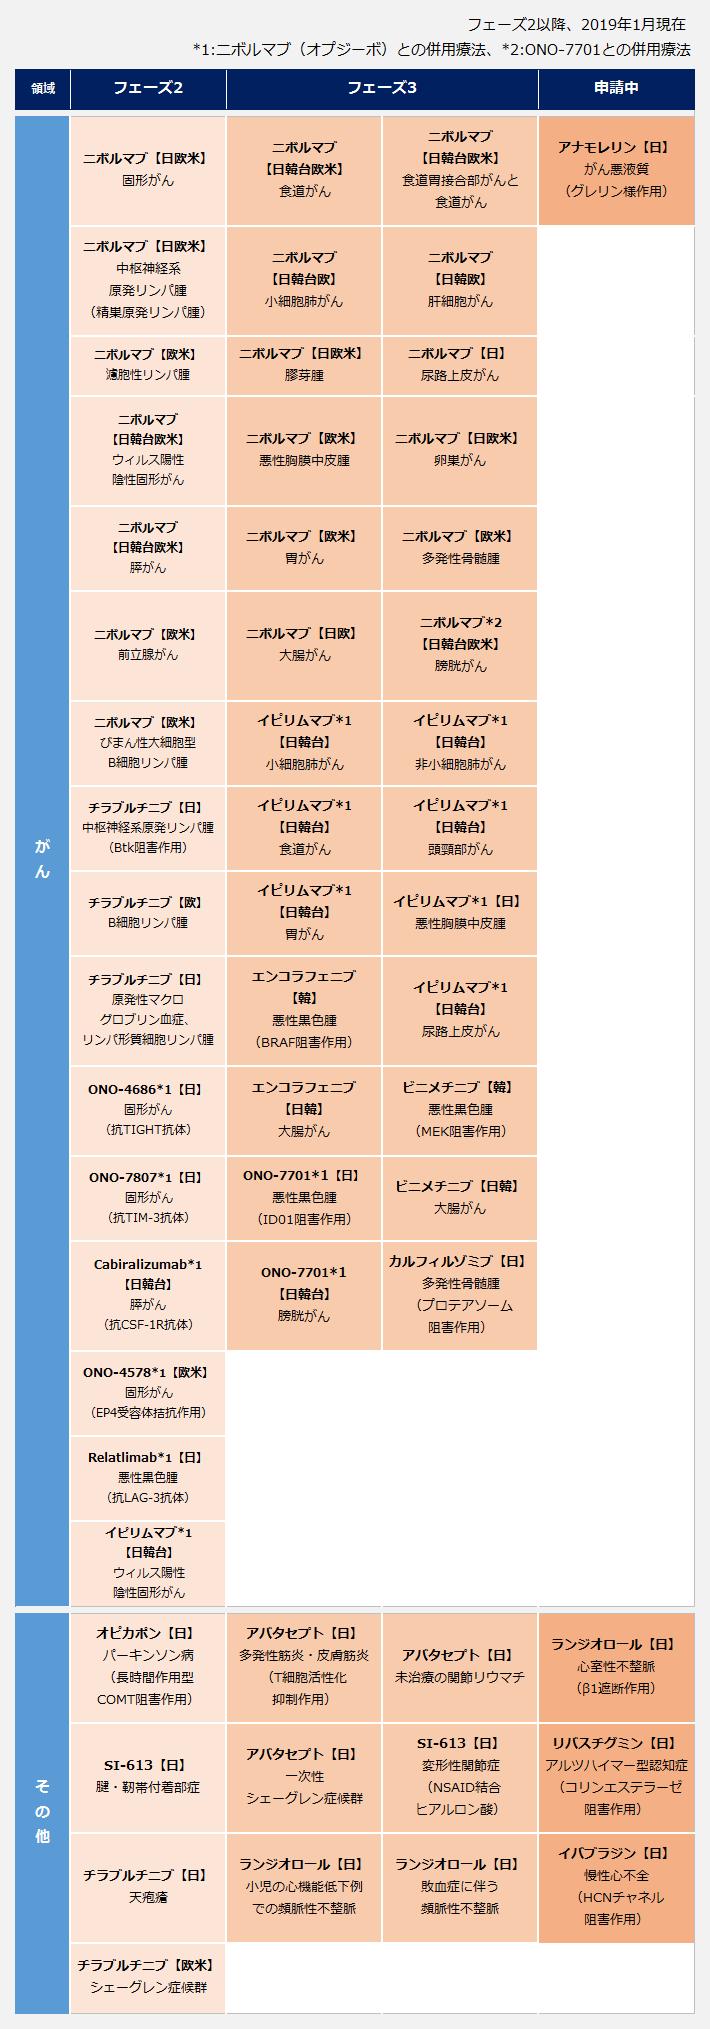 小野薬品工業のパイプライン。【がん領域】<申請中>アナモレリン(日/がん悪液質(グレリン様作用))。<フェーズ3>ニボルマブ(日韓台欧米/食道がん)、ニボルマブ(日韓台欧米/食道胃接合部がんと食道がん)、ニボルマブ(日韓台欧/小細胞肺がん)、ニボルマブ(日韓欧/肝細胞がん)、ニボルマブ(日欧米/膠芽腫)、ニボルマブ(日/尿路上皮がん)、ニボルマブ(欧米/悪性胸膜中皮腫)、ニボルマブ(日欧米/卵巣がん)、ニボルマブ(欧米/胃がん)、ニボルマブ(欧米/多発性骨髄腫)、ニボルマブ(日欧/大腸がん)、ニボルマブ(日韓台欧米/膀胱がん)、イピリムマブ(日韓台/小細胞肺がん)、イピリムマブ(日韓台/非小細胞肺がん)、イピリムマブ)日韓台/食道がん)、イピリムマブ(日韓台/頭頸部がん)、イピリムマブ(日韓台/胃がん)、イピリムマブ(日/悪性胸膜中皮腫)、エンコラフェニブ(韓/悪性黒色腫(BRAF阻害作用))、イピリムマブ(日韓台/尿路上皮がん)、エンコラフェニブ(日韓/大腸がん)、ビニメチニブ(韓/悪性黒色腫(MEK阻害作用))、ONO-7701(日/悪性黒色腫(ID01阻害作用))、ビニメチニブ(日韓/大腸がん)、ONO-7701(日韓台/膀胱がん)、カルフィルゾミブ(日/多発性骨髄腫(プロテアソーム阻害作用))。<フェーズ2>ニボルマブ(日欧米/固形がん)、ニボルマブ(日欧米/中枢神経系原発リンパ腫(精巣原発リンパ腫))、ニボルマブ(欧米/濾胞性リンパ腫)、ニボルマブ(日韓台欧米/ウィルス陽性・陰性固形がん)、ニボルマブ(日韓台欧米/膵がん)、ニボルマブ(欧米/前立腺がん)、ニボルマブ(欧米/びまん性大細胞型・B細胞リンパ腫)、チラブルチニブ(日/中枢神経系原発リンパ腫(Btk阻害作用))、チラブルチニブ(欧/B細胞リンパ腫)、チラブルチニブ(日/原発性マクログロブリン血症・リンパ形質細胞リンパ腫)、ONO-4686(日/固形がん(抗TIGHT抗体))、ONO-7807(日/固形がん(抗TIM-3抗体))、Cabiralizumab(日韓台/膵がん(抗CSF-1R抗体))、ONO-4578(欧米/固形がん(EP4受容体拮抗作用))、Relatlimab(日/悪性黒色腫(抗LAG-3抗体))、イピリムマブ(日韓台/ウィルス陽性・陰性固形がん。【その他】<申請中>ランジオロール(日/心室性不整脈(β1遮断作用))。リバスチグミン(日/アルツハイマー型認知症(コリンエステラーゼ阻害作用))、イバブラジン(日/慢性心不全(HCNチャネル阻害作用))。<フェーズ3>アバタセプト(日/多発性筋炎・皮膚筋炎(T細胞活性化抑制作用))、アバタセプト(日/未治療の関節リウマチ)、アバタセプト(日/一次性シェーグレン症候群)、SI-613(日/変形性関節症(NSAID結合ヒアルロン酸))、ランジオロール(日/小児の心機能低下例での頻脈性不整脈)、ランジオロール(日/敗血症に伴う頻脈性不整脈)。<フェーズ2>オピカポン(日/パーキンソン病(長時間作用型COMT阻害作用))、SI-613(日/腱・靭帯付着部症)、チラブルチニブ(日/天疱瘡)、チラブルチニブ(欧米/シェーグレン症候群)。